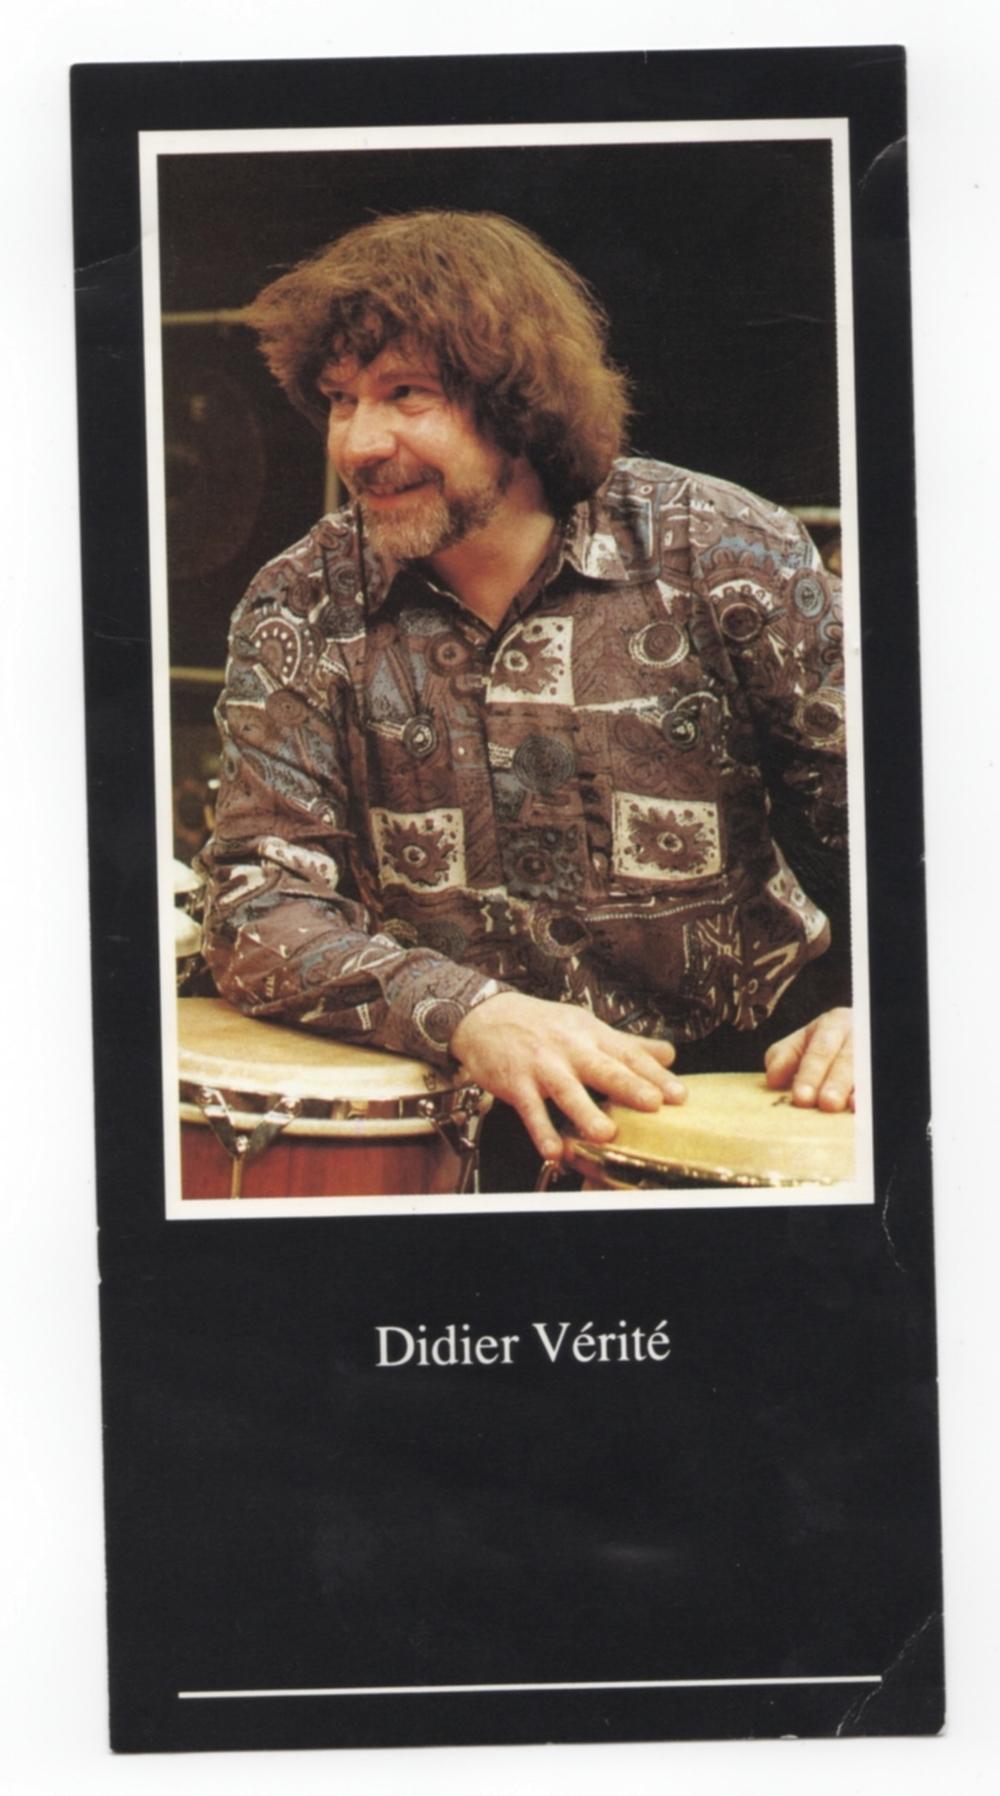 Didier Vérité